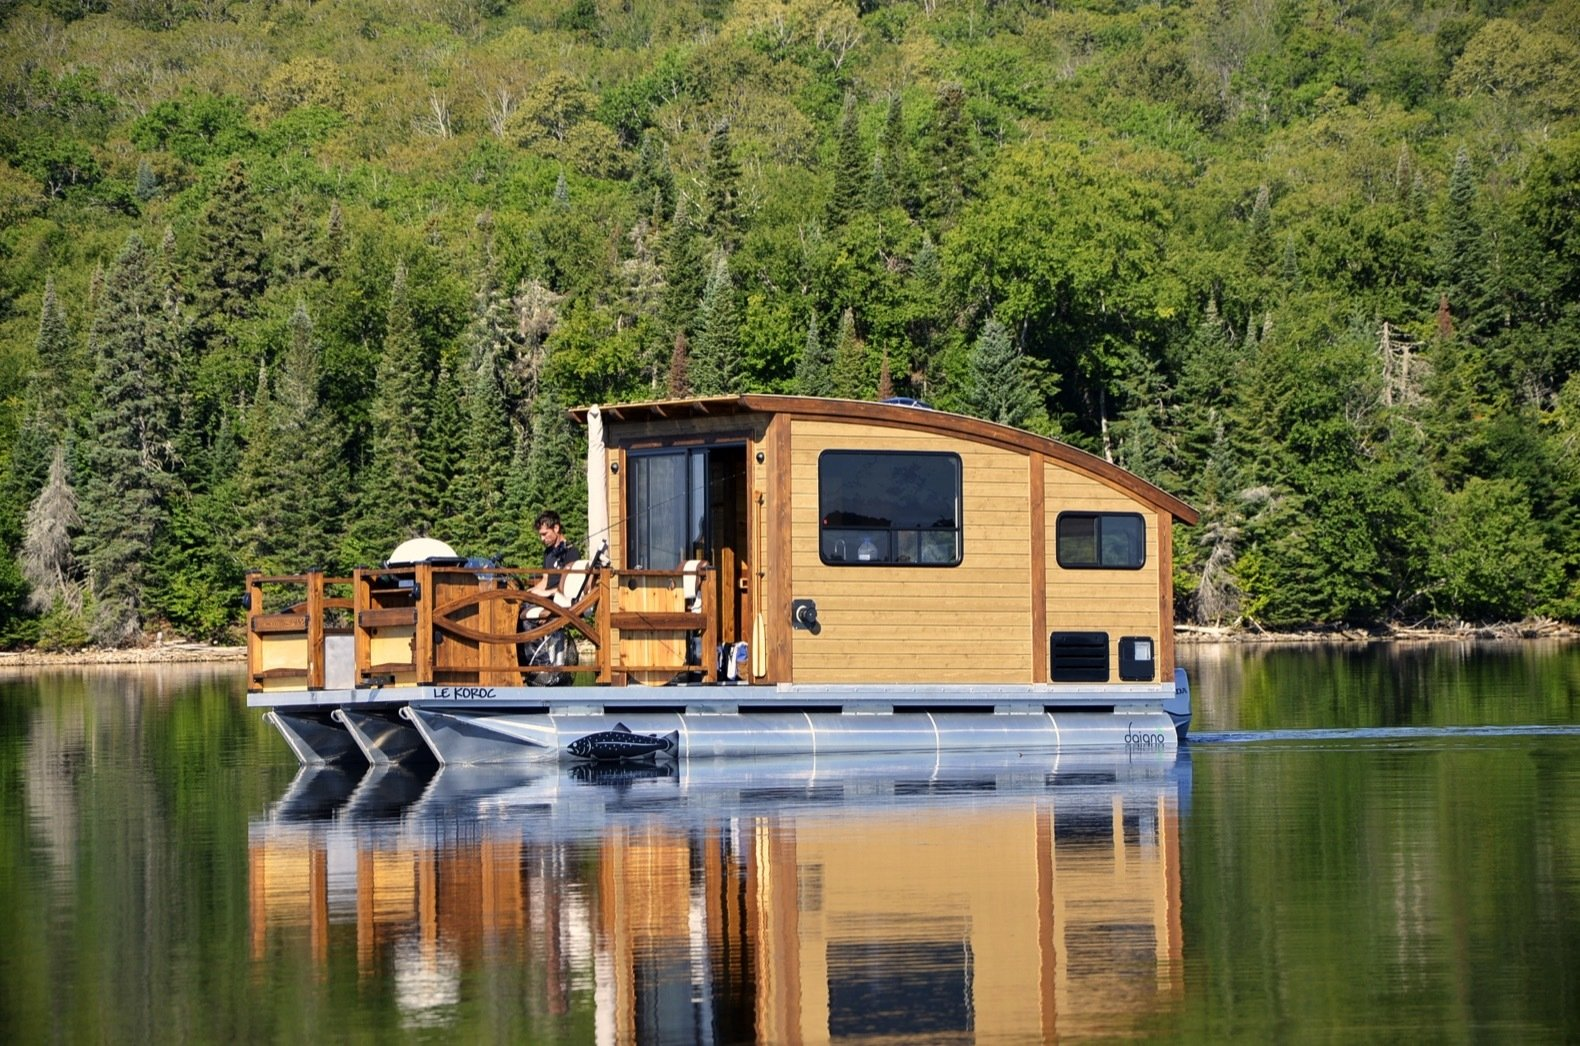 Le Koroc houseboat